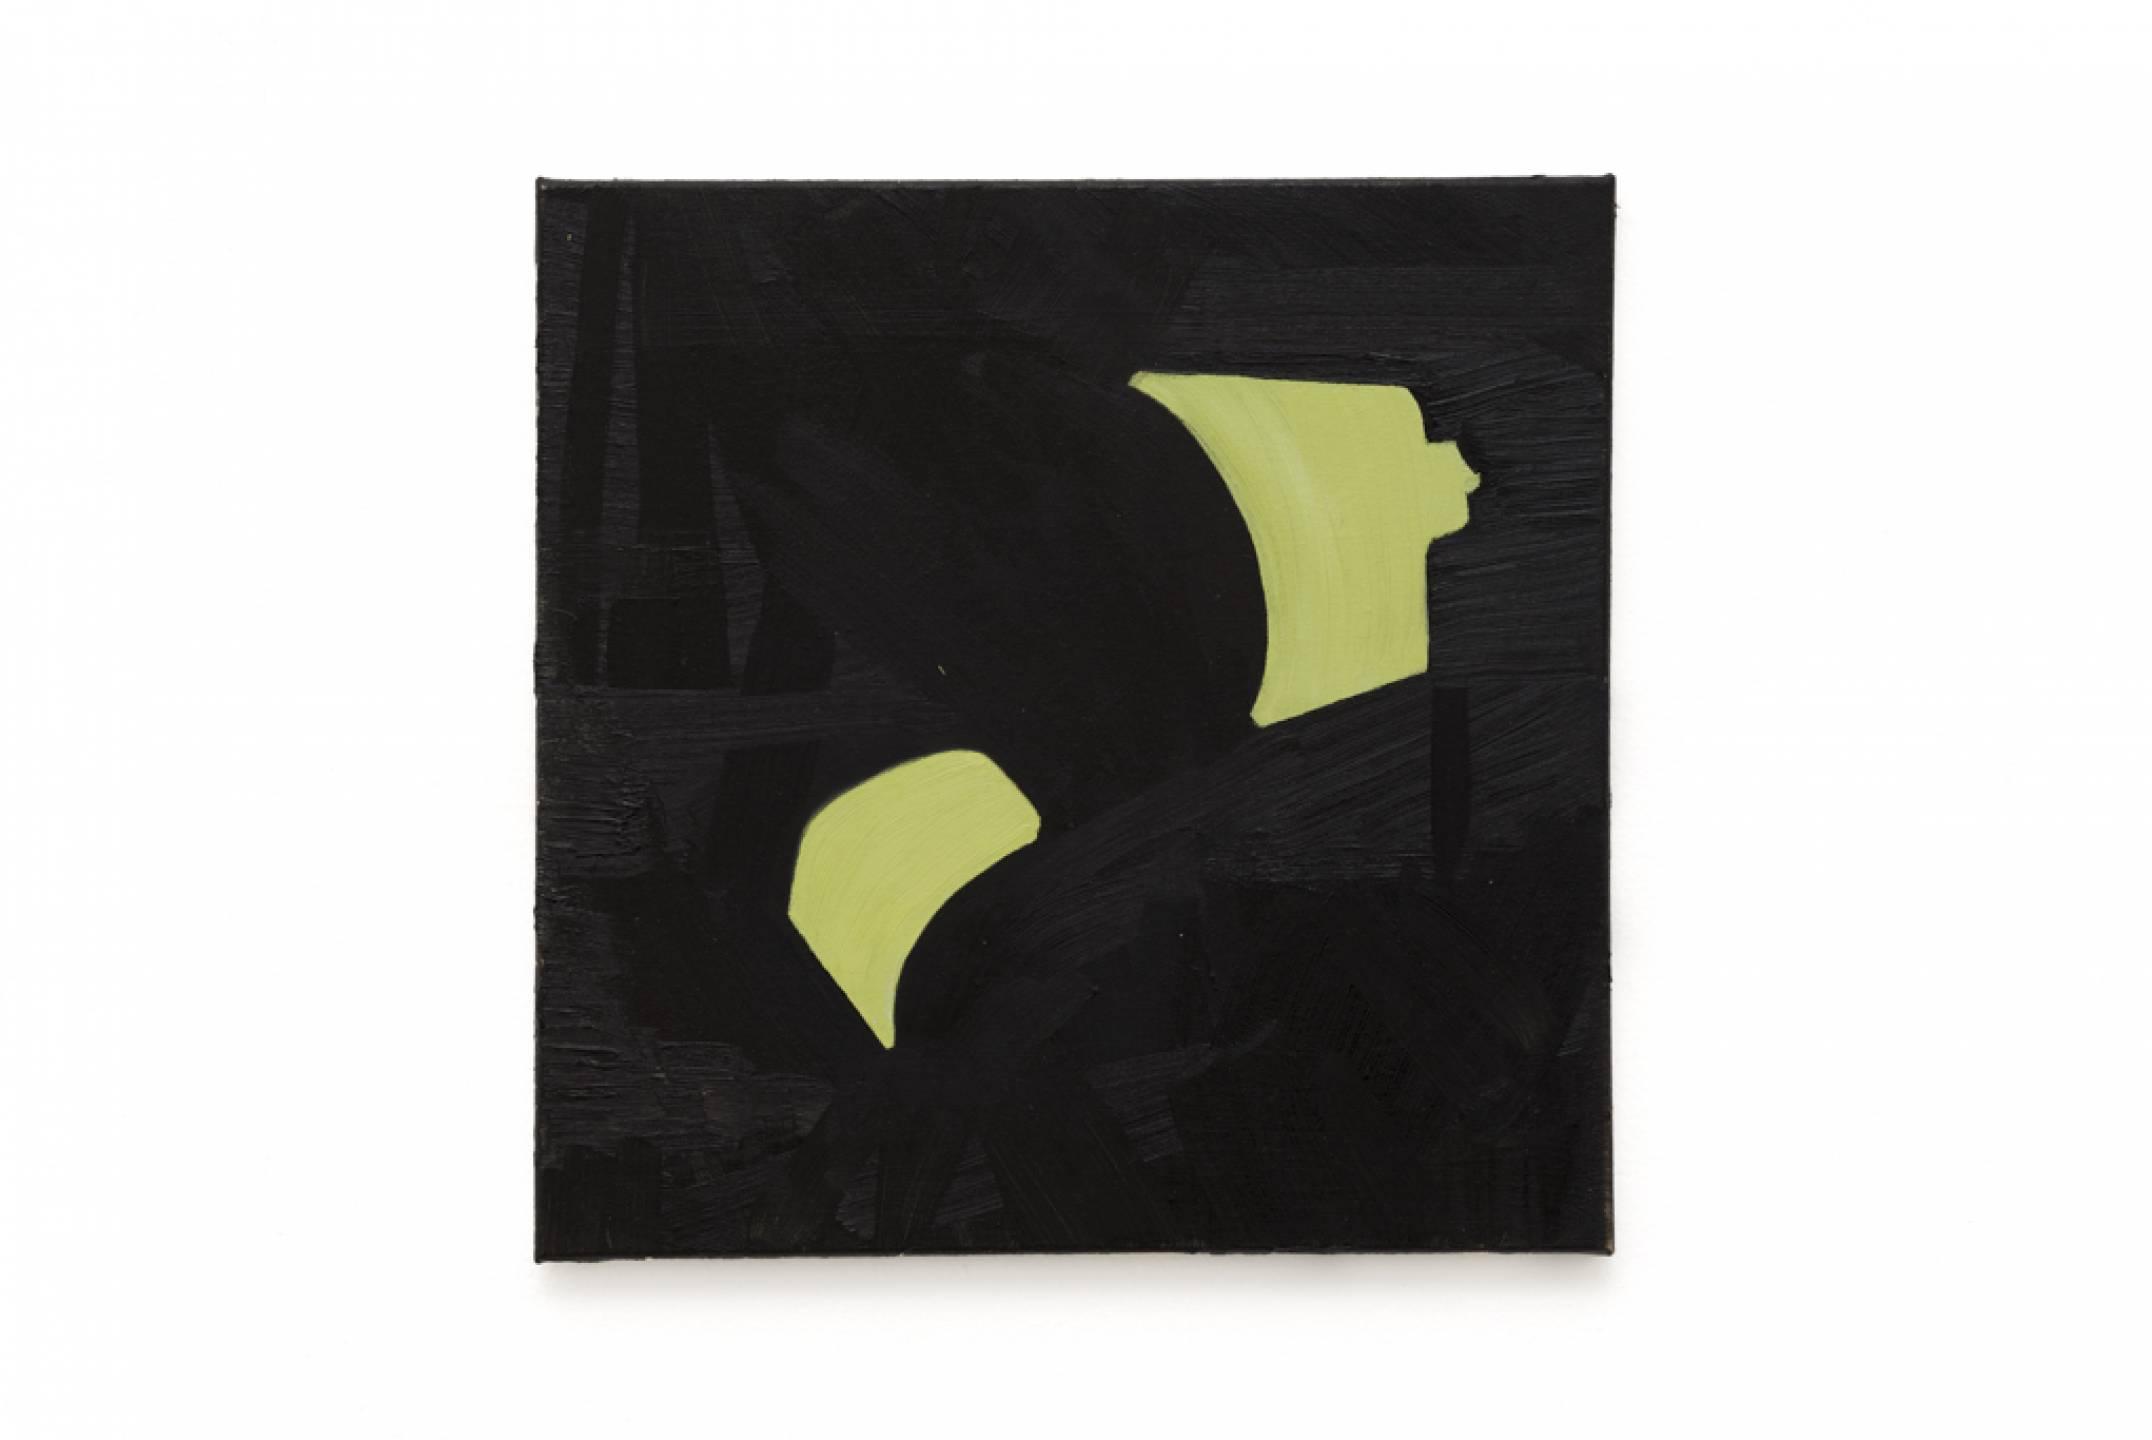 Marina Perez Simão,&nbsp;<em>untitled</em>,&nbsp;2017,&nbsp;óleo sobre tela, 40 × 40 cm - Mendes Wood DM